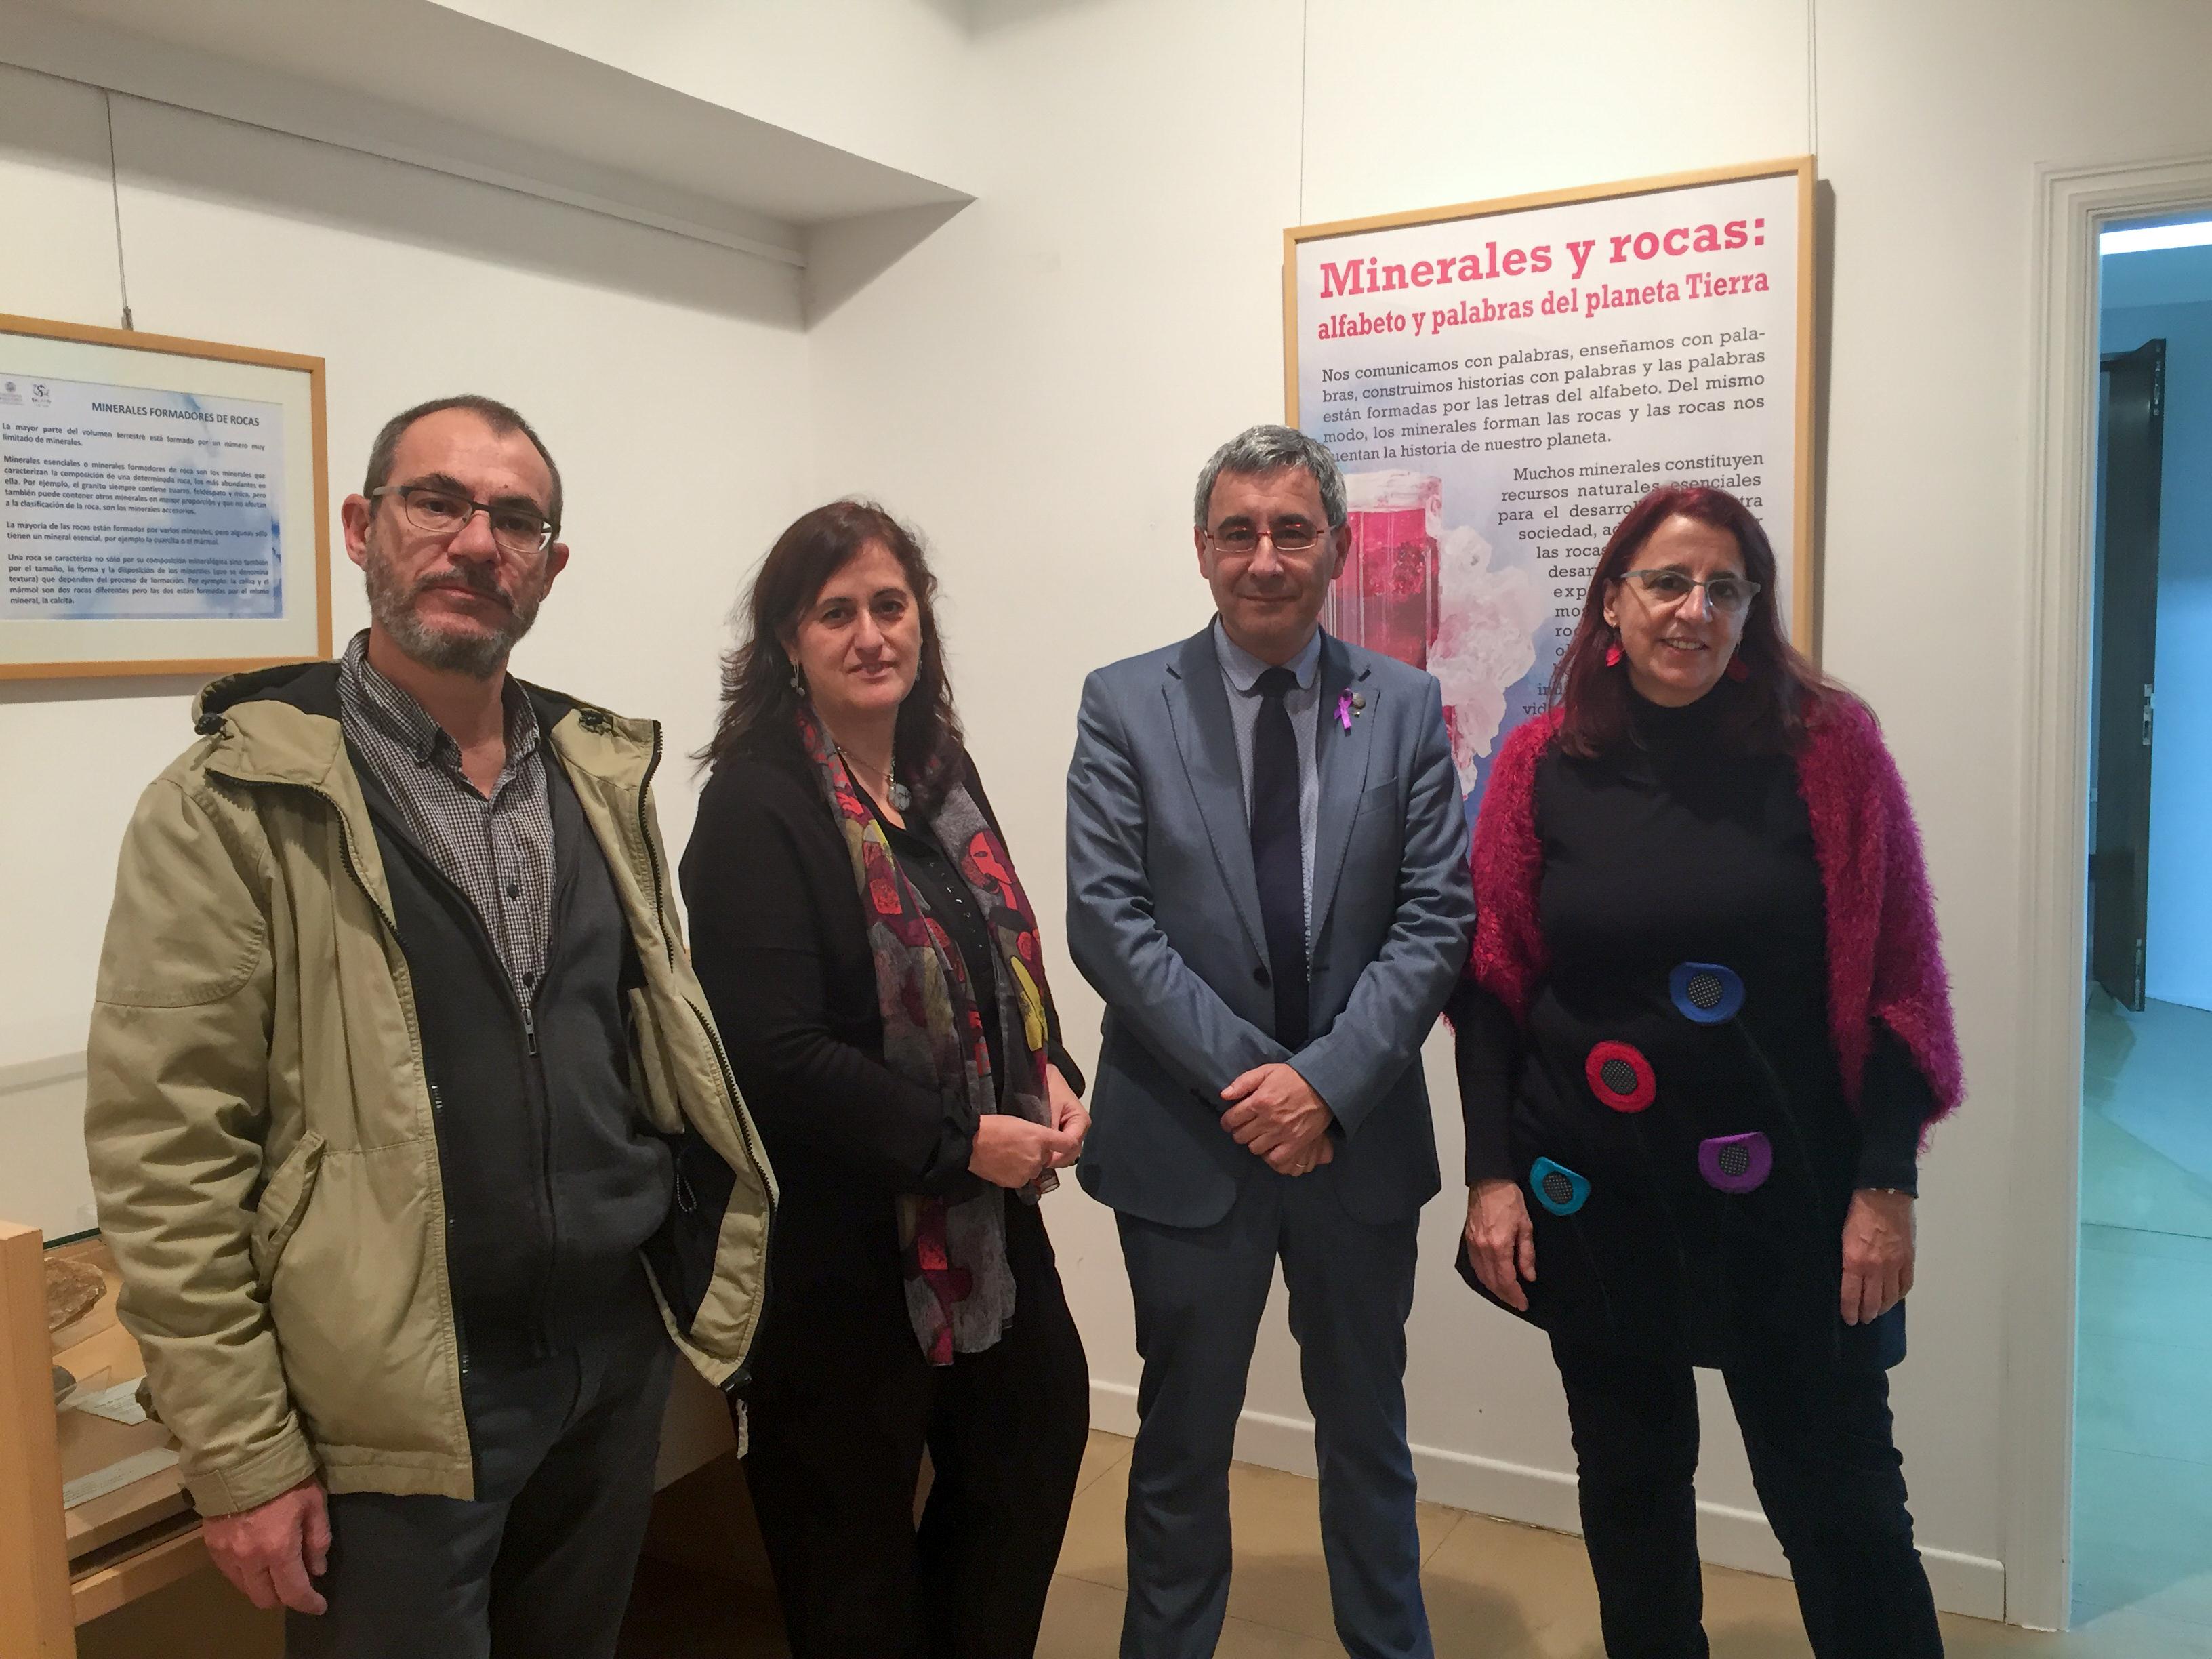 El Departamento de Geología de la Universidad de Salamanca organiza la exposición 'Minerales y rocas: alfabeto y palabras del Planeta Tierra'